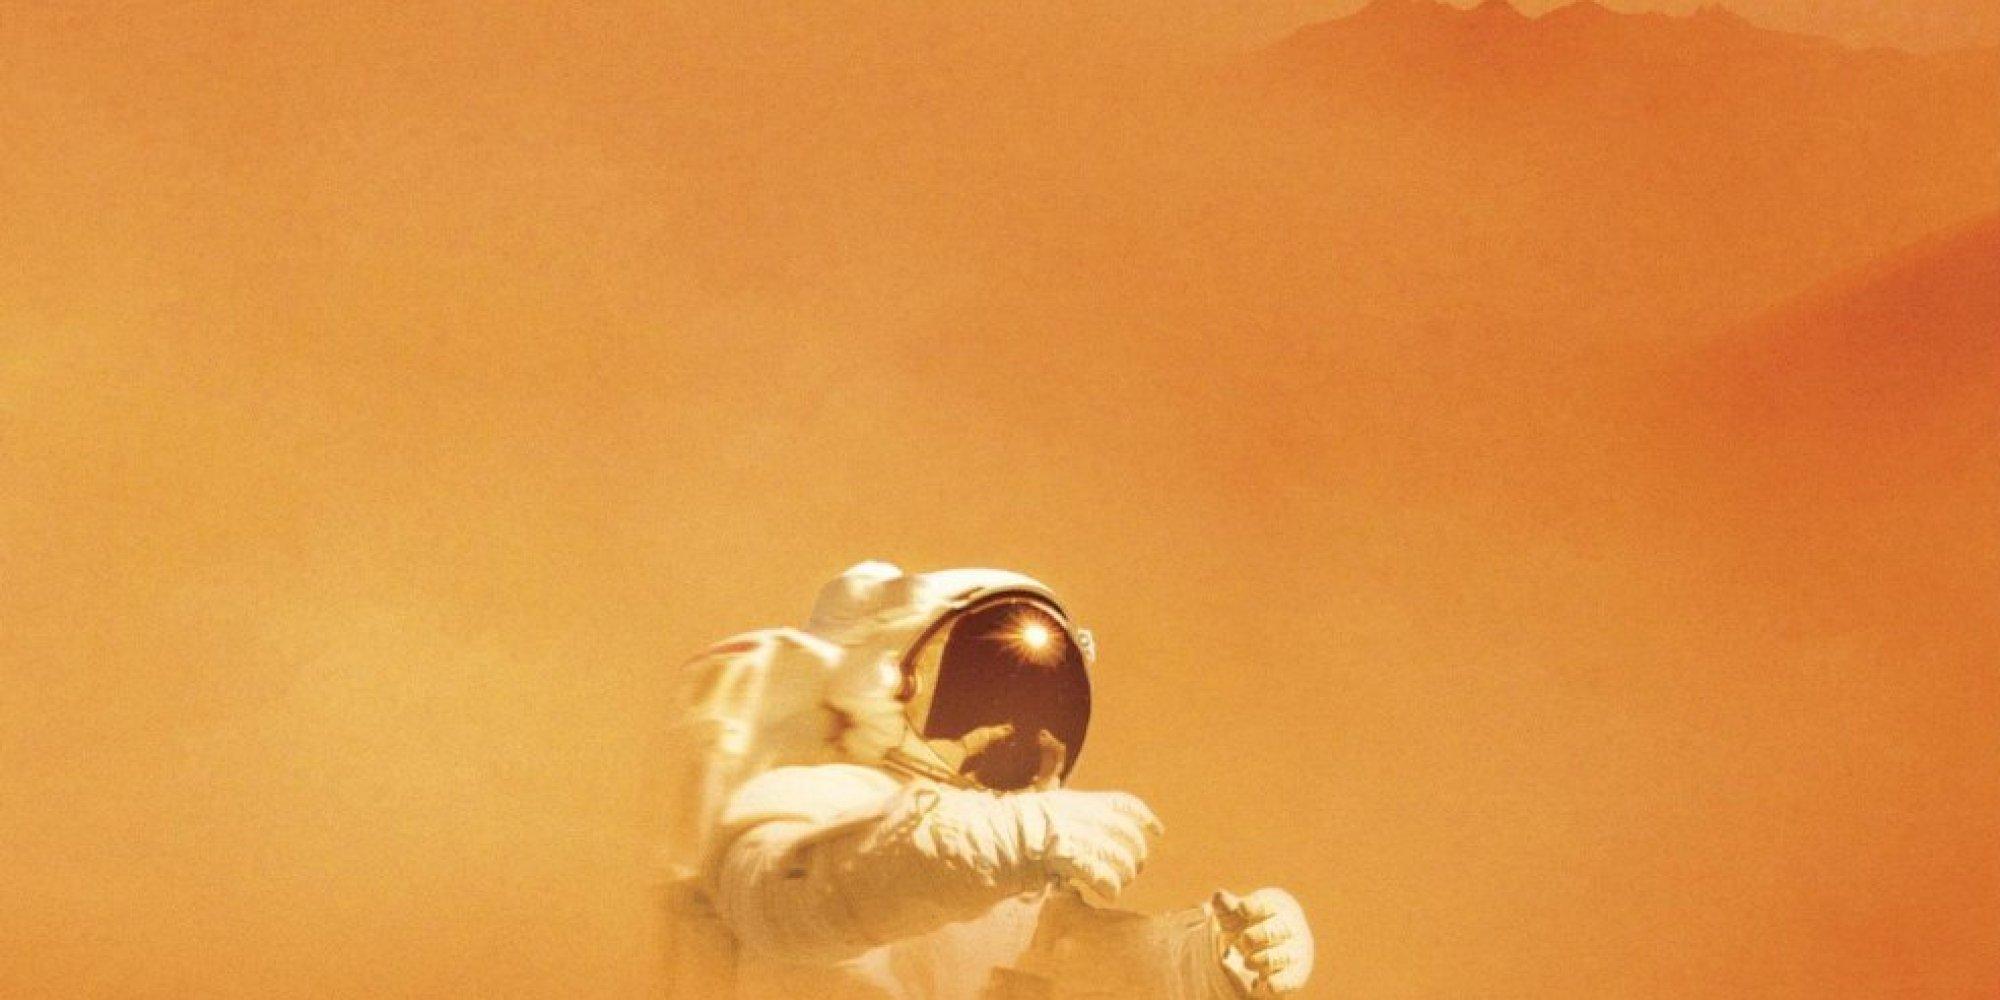 марсианин экранизация книга фильм энди вейер вейр уир the martian отвратительные мужики